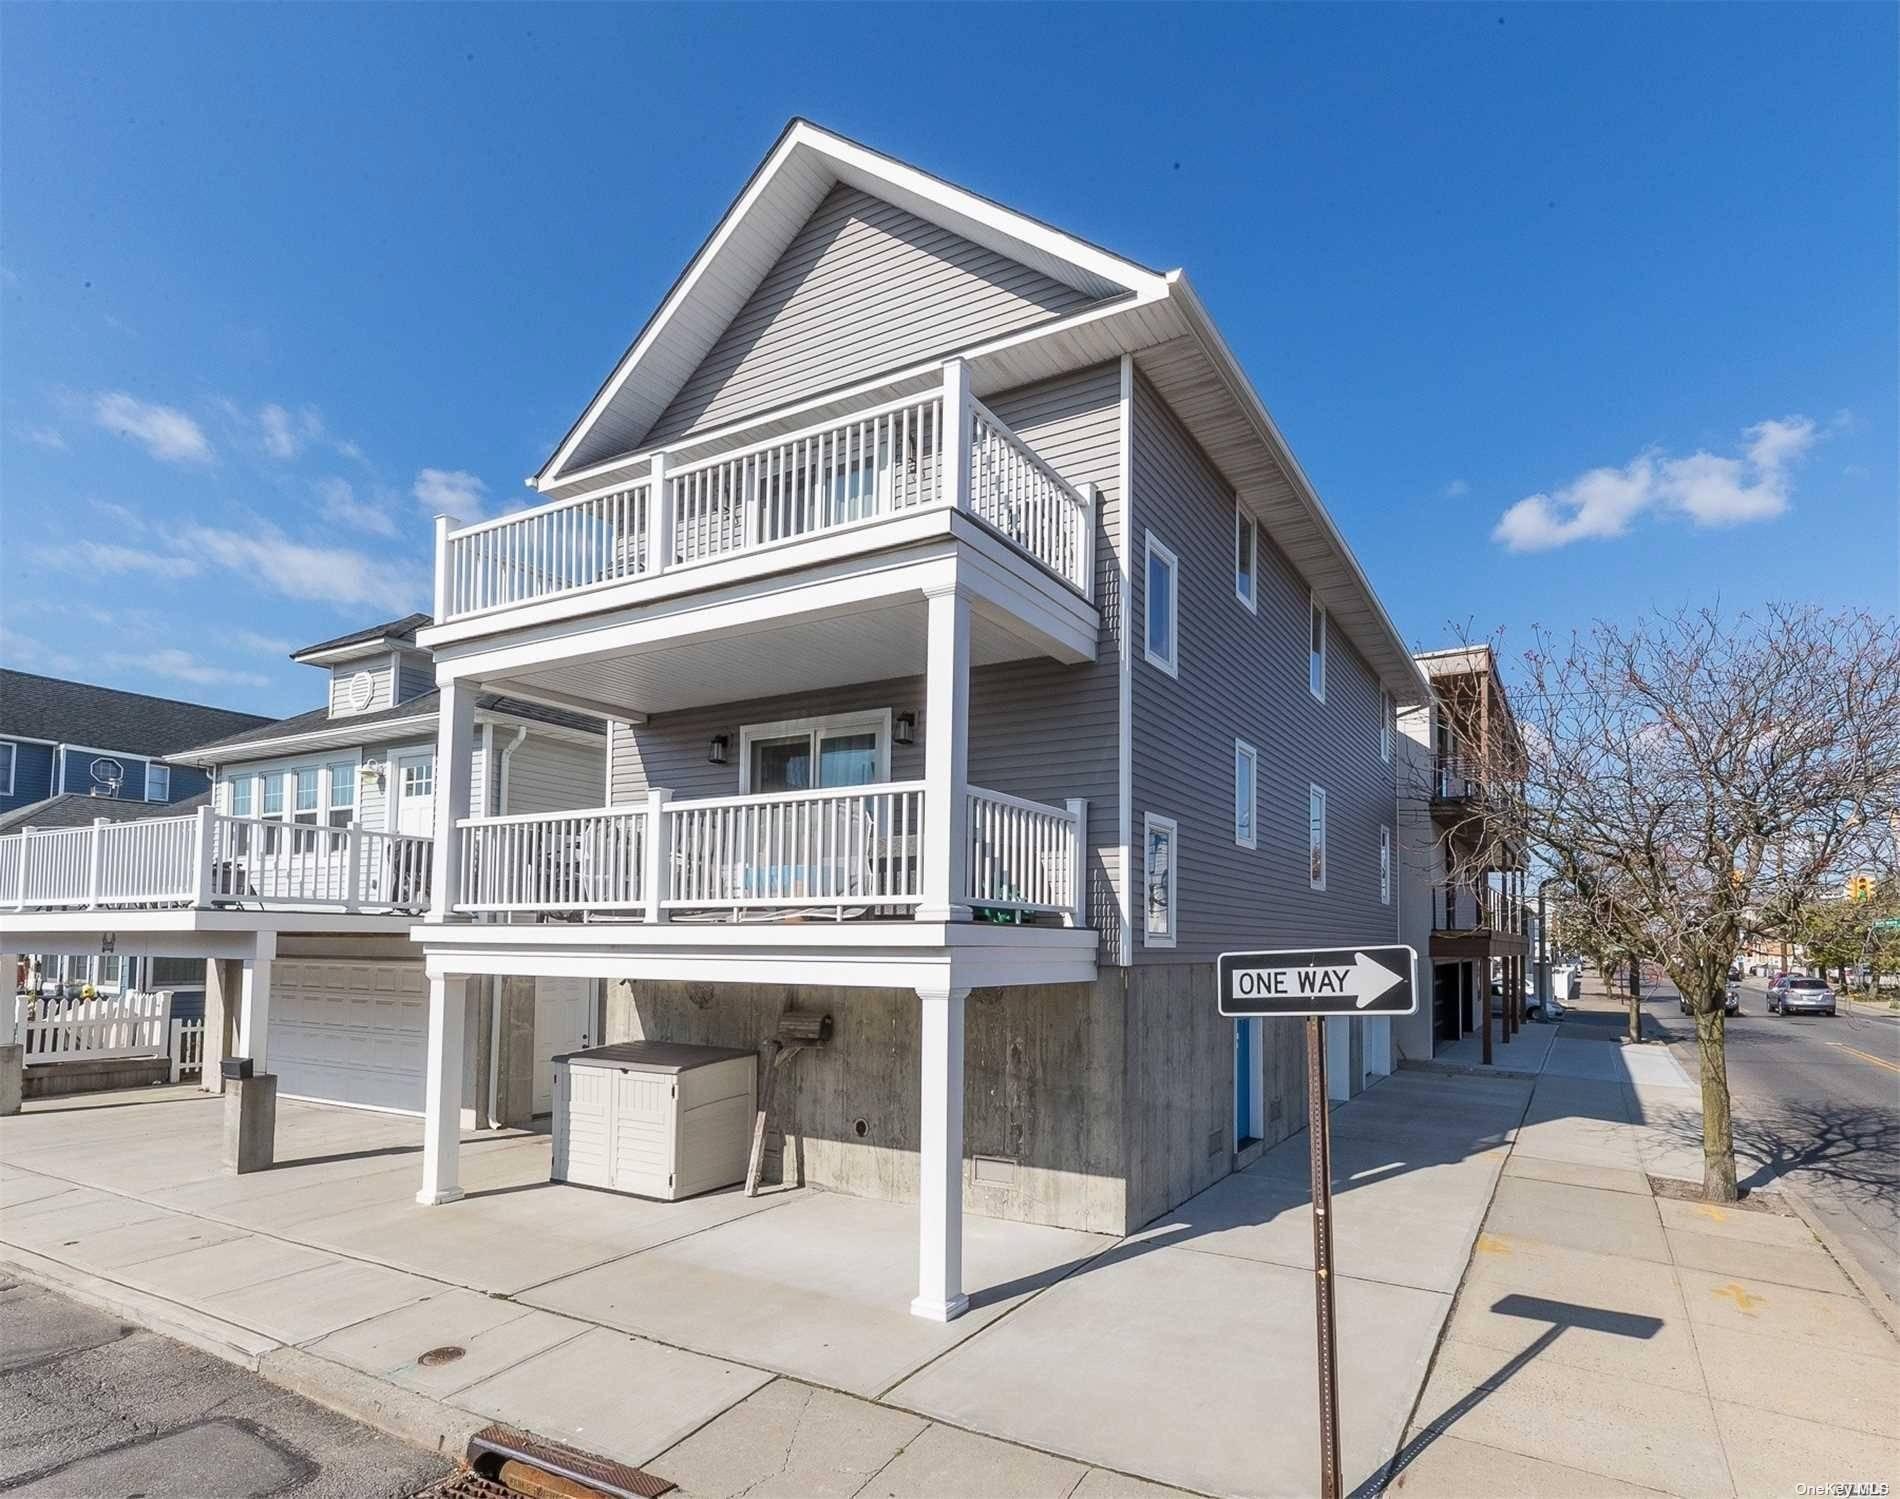 Photo of 105 Oregon Street # Lower, Long Beach, NY 11561, Long Beach, NY 11561